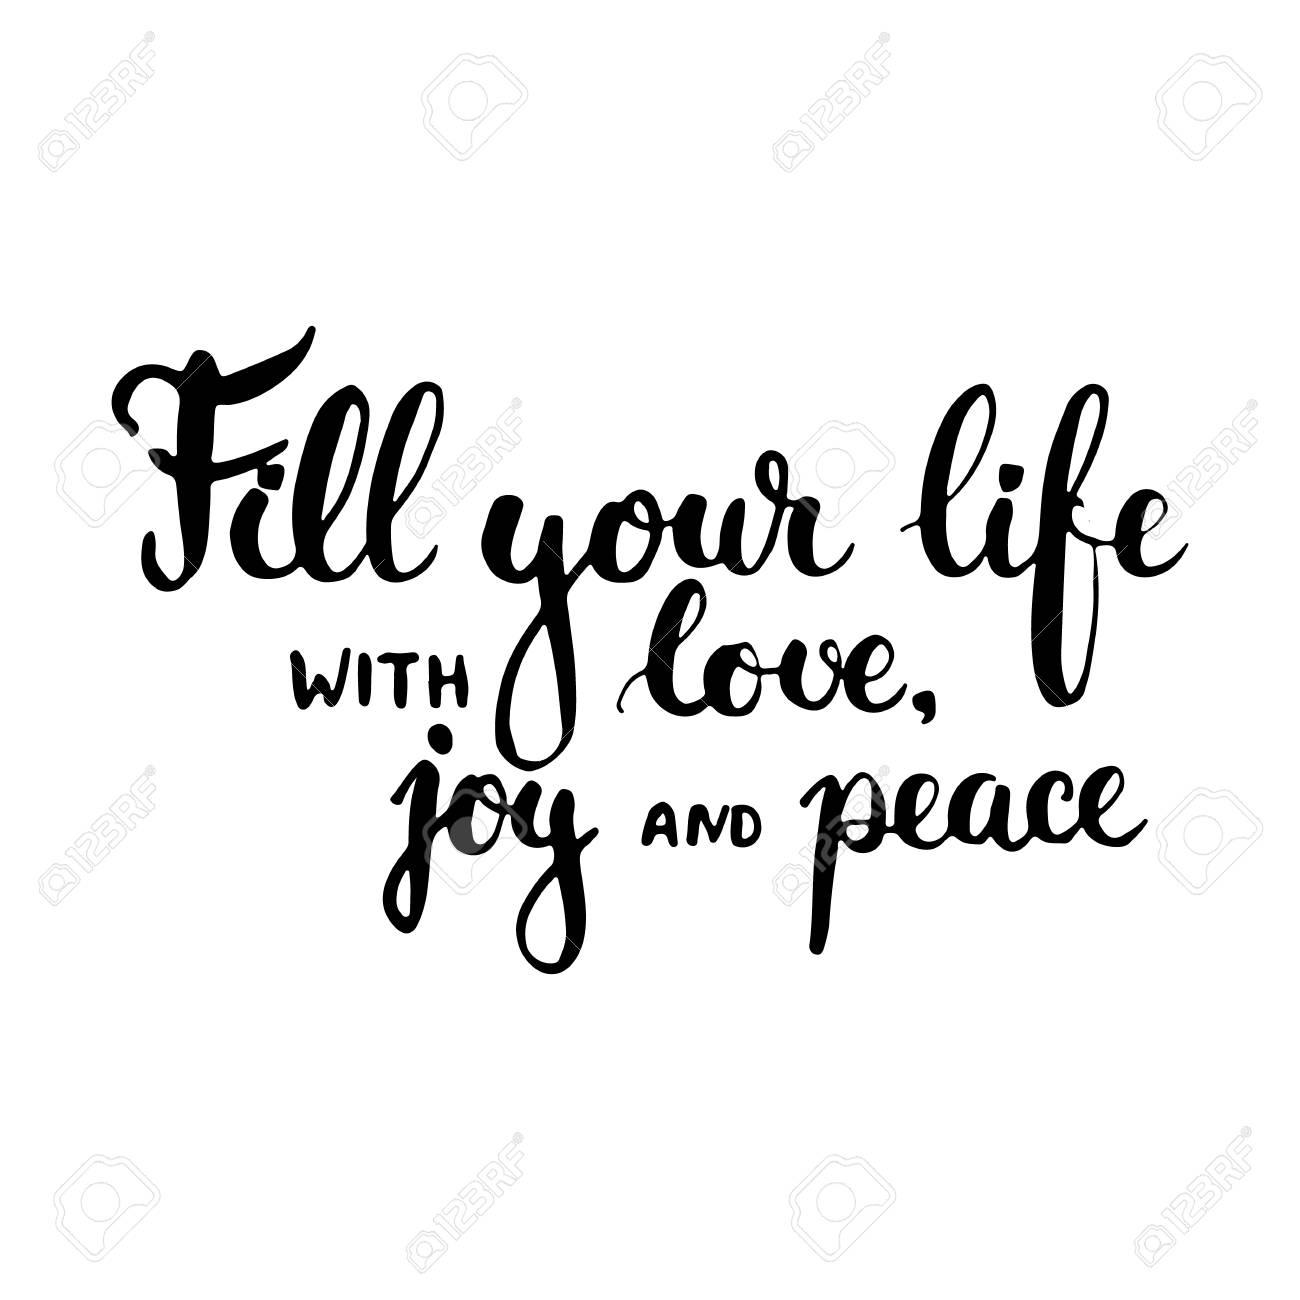 Mano Tipografia Dibujada Frase Letras Llena Tu Vida De Amor Alegria